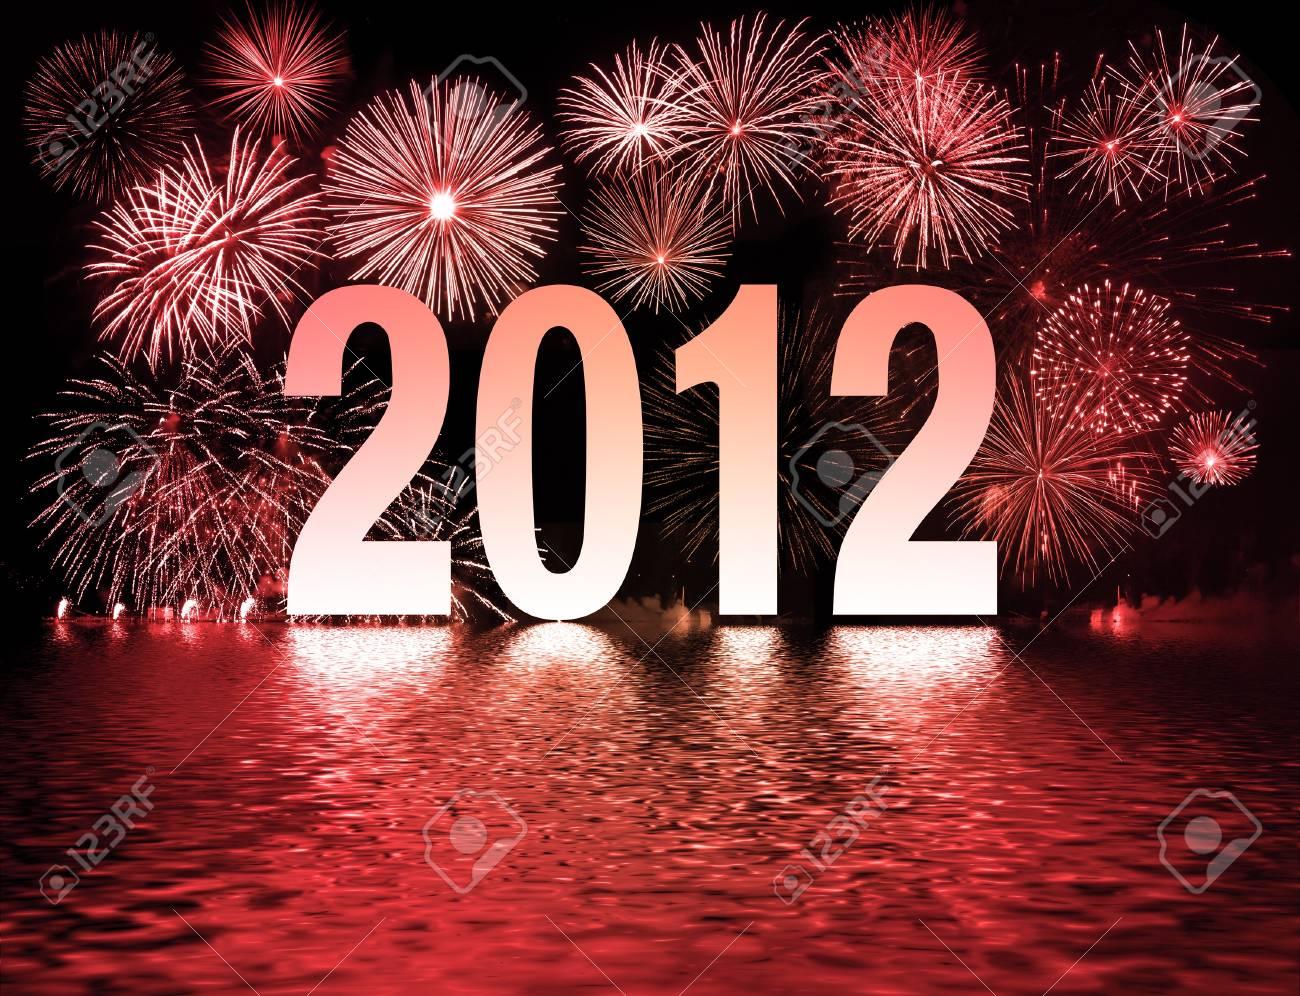 2012 Stock Photo - 11333750